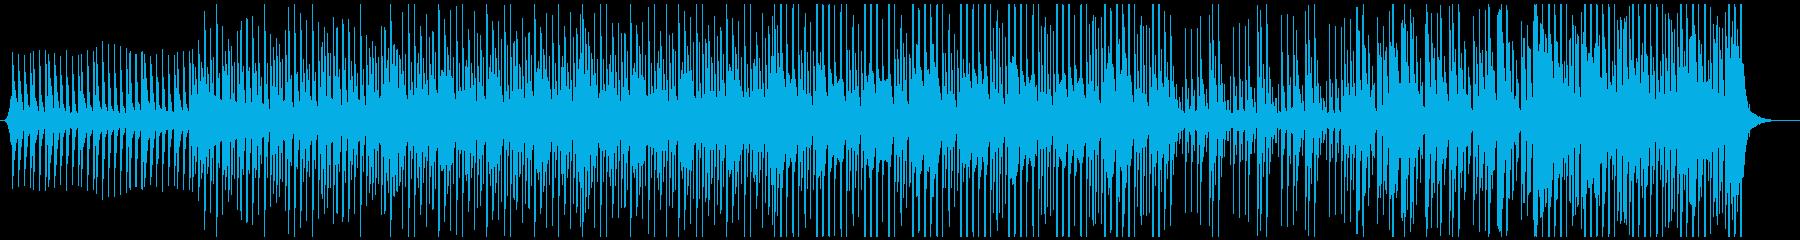 ラテン ジャズ トロピカル アクテ...の再生済みの波形